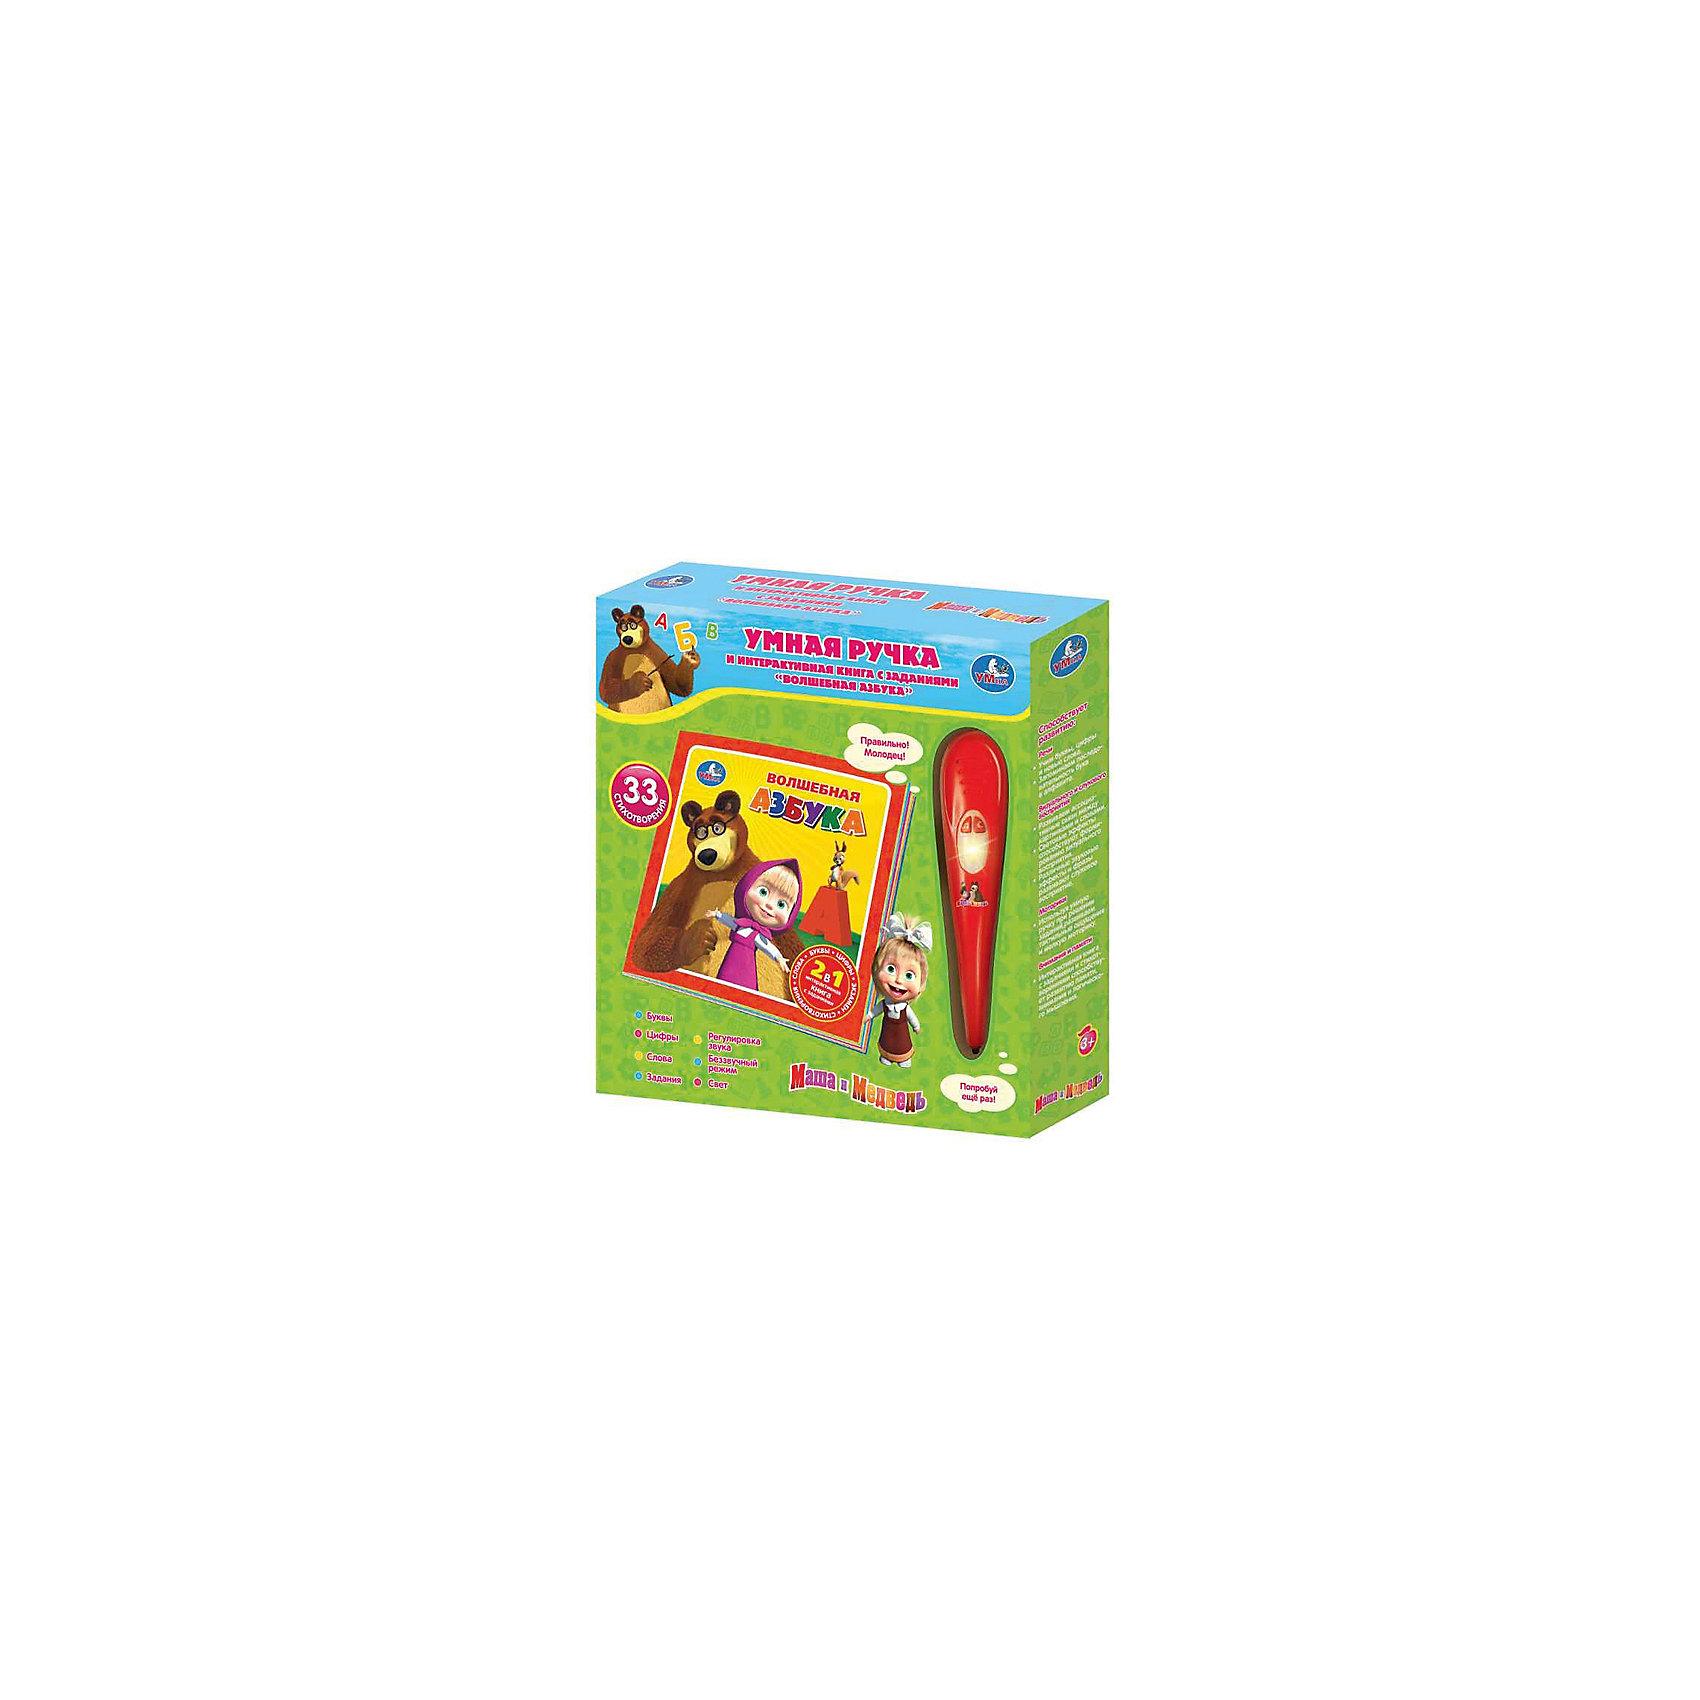 Умная ручка и интерактивная книга с заданиями Волшебная азбука , Маша и Медведь, УмкаИгрушки<br>Умная ручка и интерактивная книга с заданиями Волшебная азбука , Маша и Медведь, Умка - это отличный подарок для любознательного малыша.<br>В компании любимых персонажей мультфильма Маша и Медведь с волшебной умной ручкой учиться одно удовольствие. Она поможет запомнить буквы, цифры от 1 до 10 и значительно расширить словарный запас. Кроме того, во время учебы ребенок услышит 33 стихотворения. Ручка работает в трех режимах: звук и голос, свет и звук, свет. Когда ребенок будет решать задания, ручка похвалит его при правильном ответе или попросит попробовать еще раз при неверном. Задания в  интерактивной книге можно выполнять неоднократно, пока всё не будет сделано идеально. Умная ручка с интерактивной книжкой просто незаменимы при подготовке к школе. Озвучены они профессиональными актерами, поэтому вы можете быть уверены, что ребенок запомнит правильное произношение. Увлекательные уроки потренируют память и внимательность малыша, положительно повлияют на развитие мелкой моторики.<br><br>Дополнительная информация:<br><br>- Комплектация: умная ручка, книга<br>- Батарейки: 3 батареек типа ААА (входят в комплект)<br>- Материал: картон, бумага, пластик<br>- Количество страниц в книге: 30<br>- Размер упаковки: 52х25х35 см.<br><br>Умную ручку и интерактивную книгу с заданиями Волшебная азбука , Маша и Медведь, Умка можно купить в нашем интернет-магазине.<br><br>Ширина мм: 520<br>Глубина мм: 250<br>Высота мм: 350<br>Вес г: 330<br>Возраст от месяцев: 36<br>Возраст до месяцев: 96<br>Пол: Унисекс<br>Возраст: Детский<br>SKU: 4185309